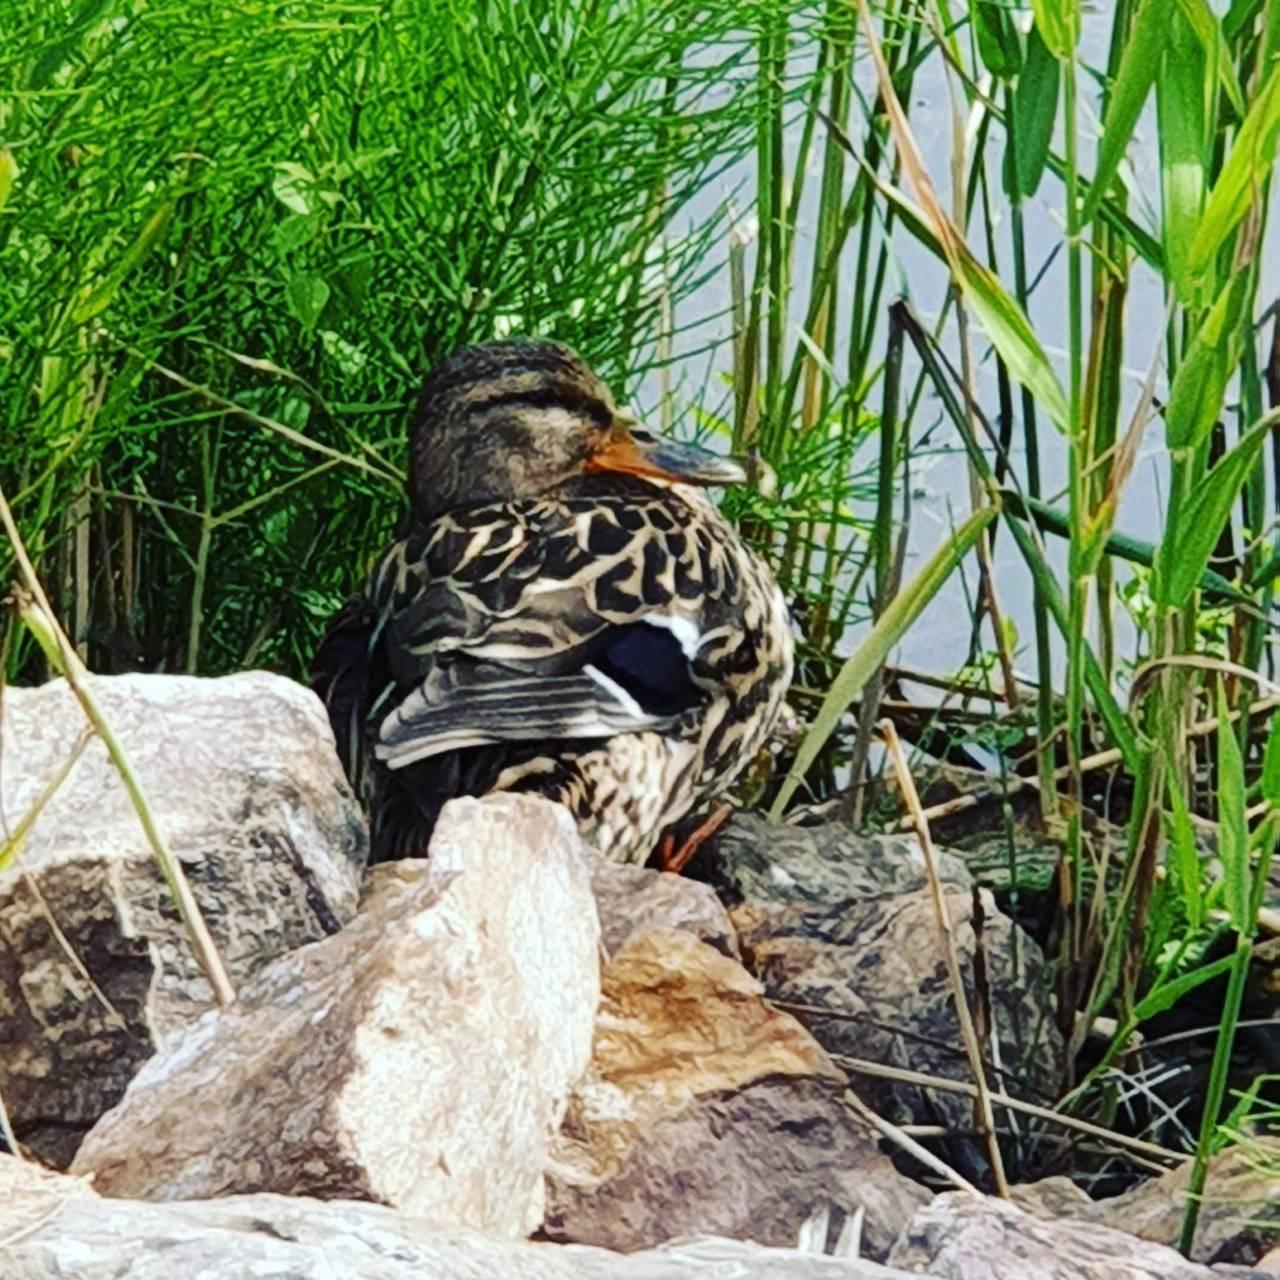 relaxing duck